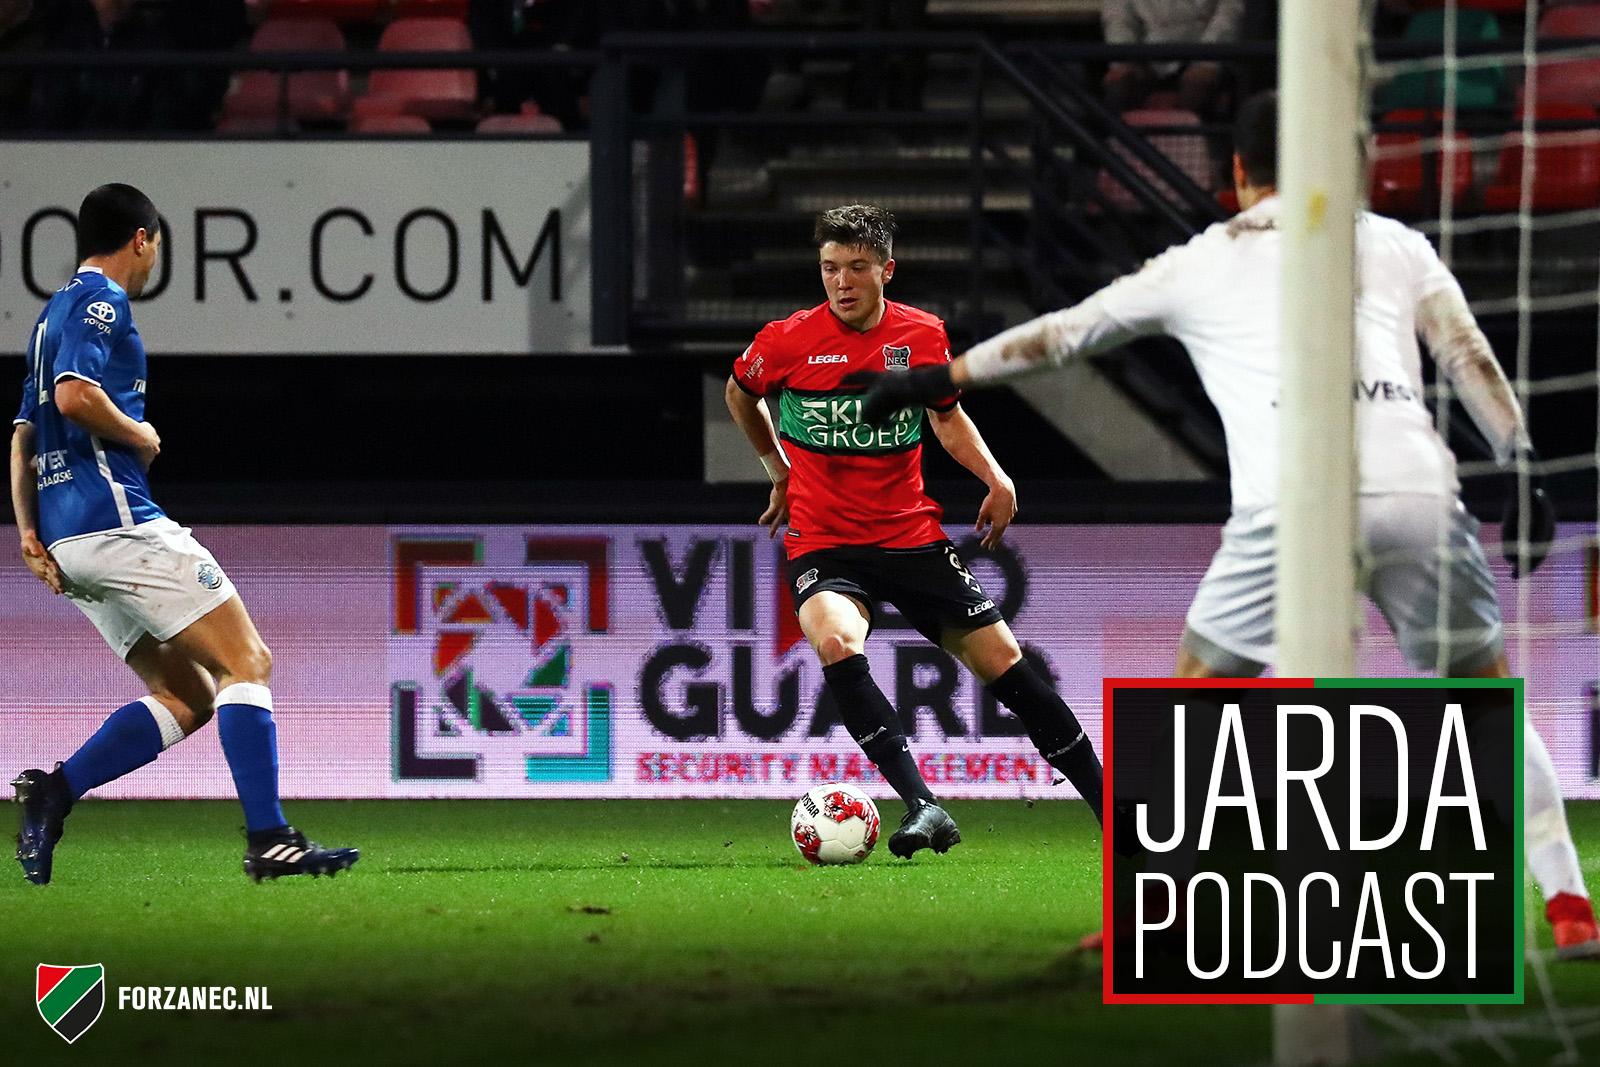 Jarda Podcast #33: Roeien met de riemen die je hebt en goochelen met cijfers